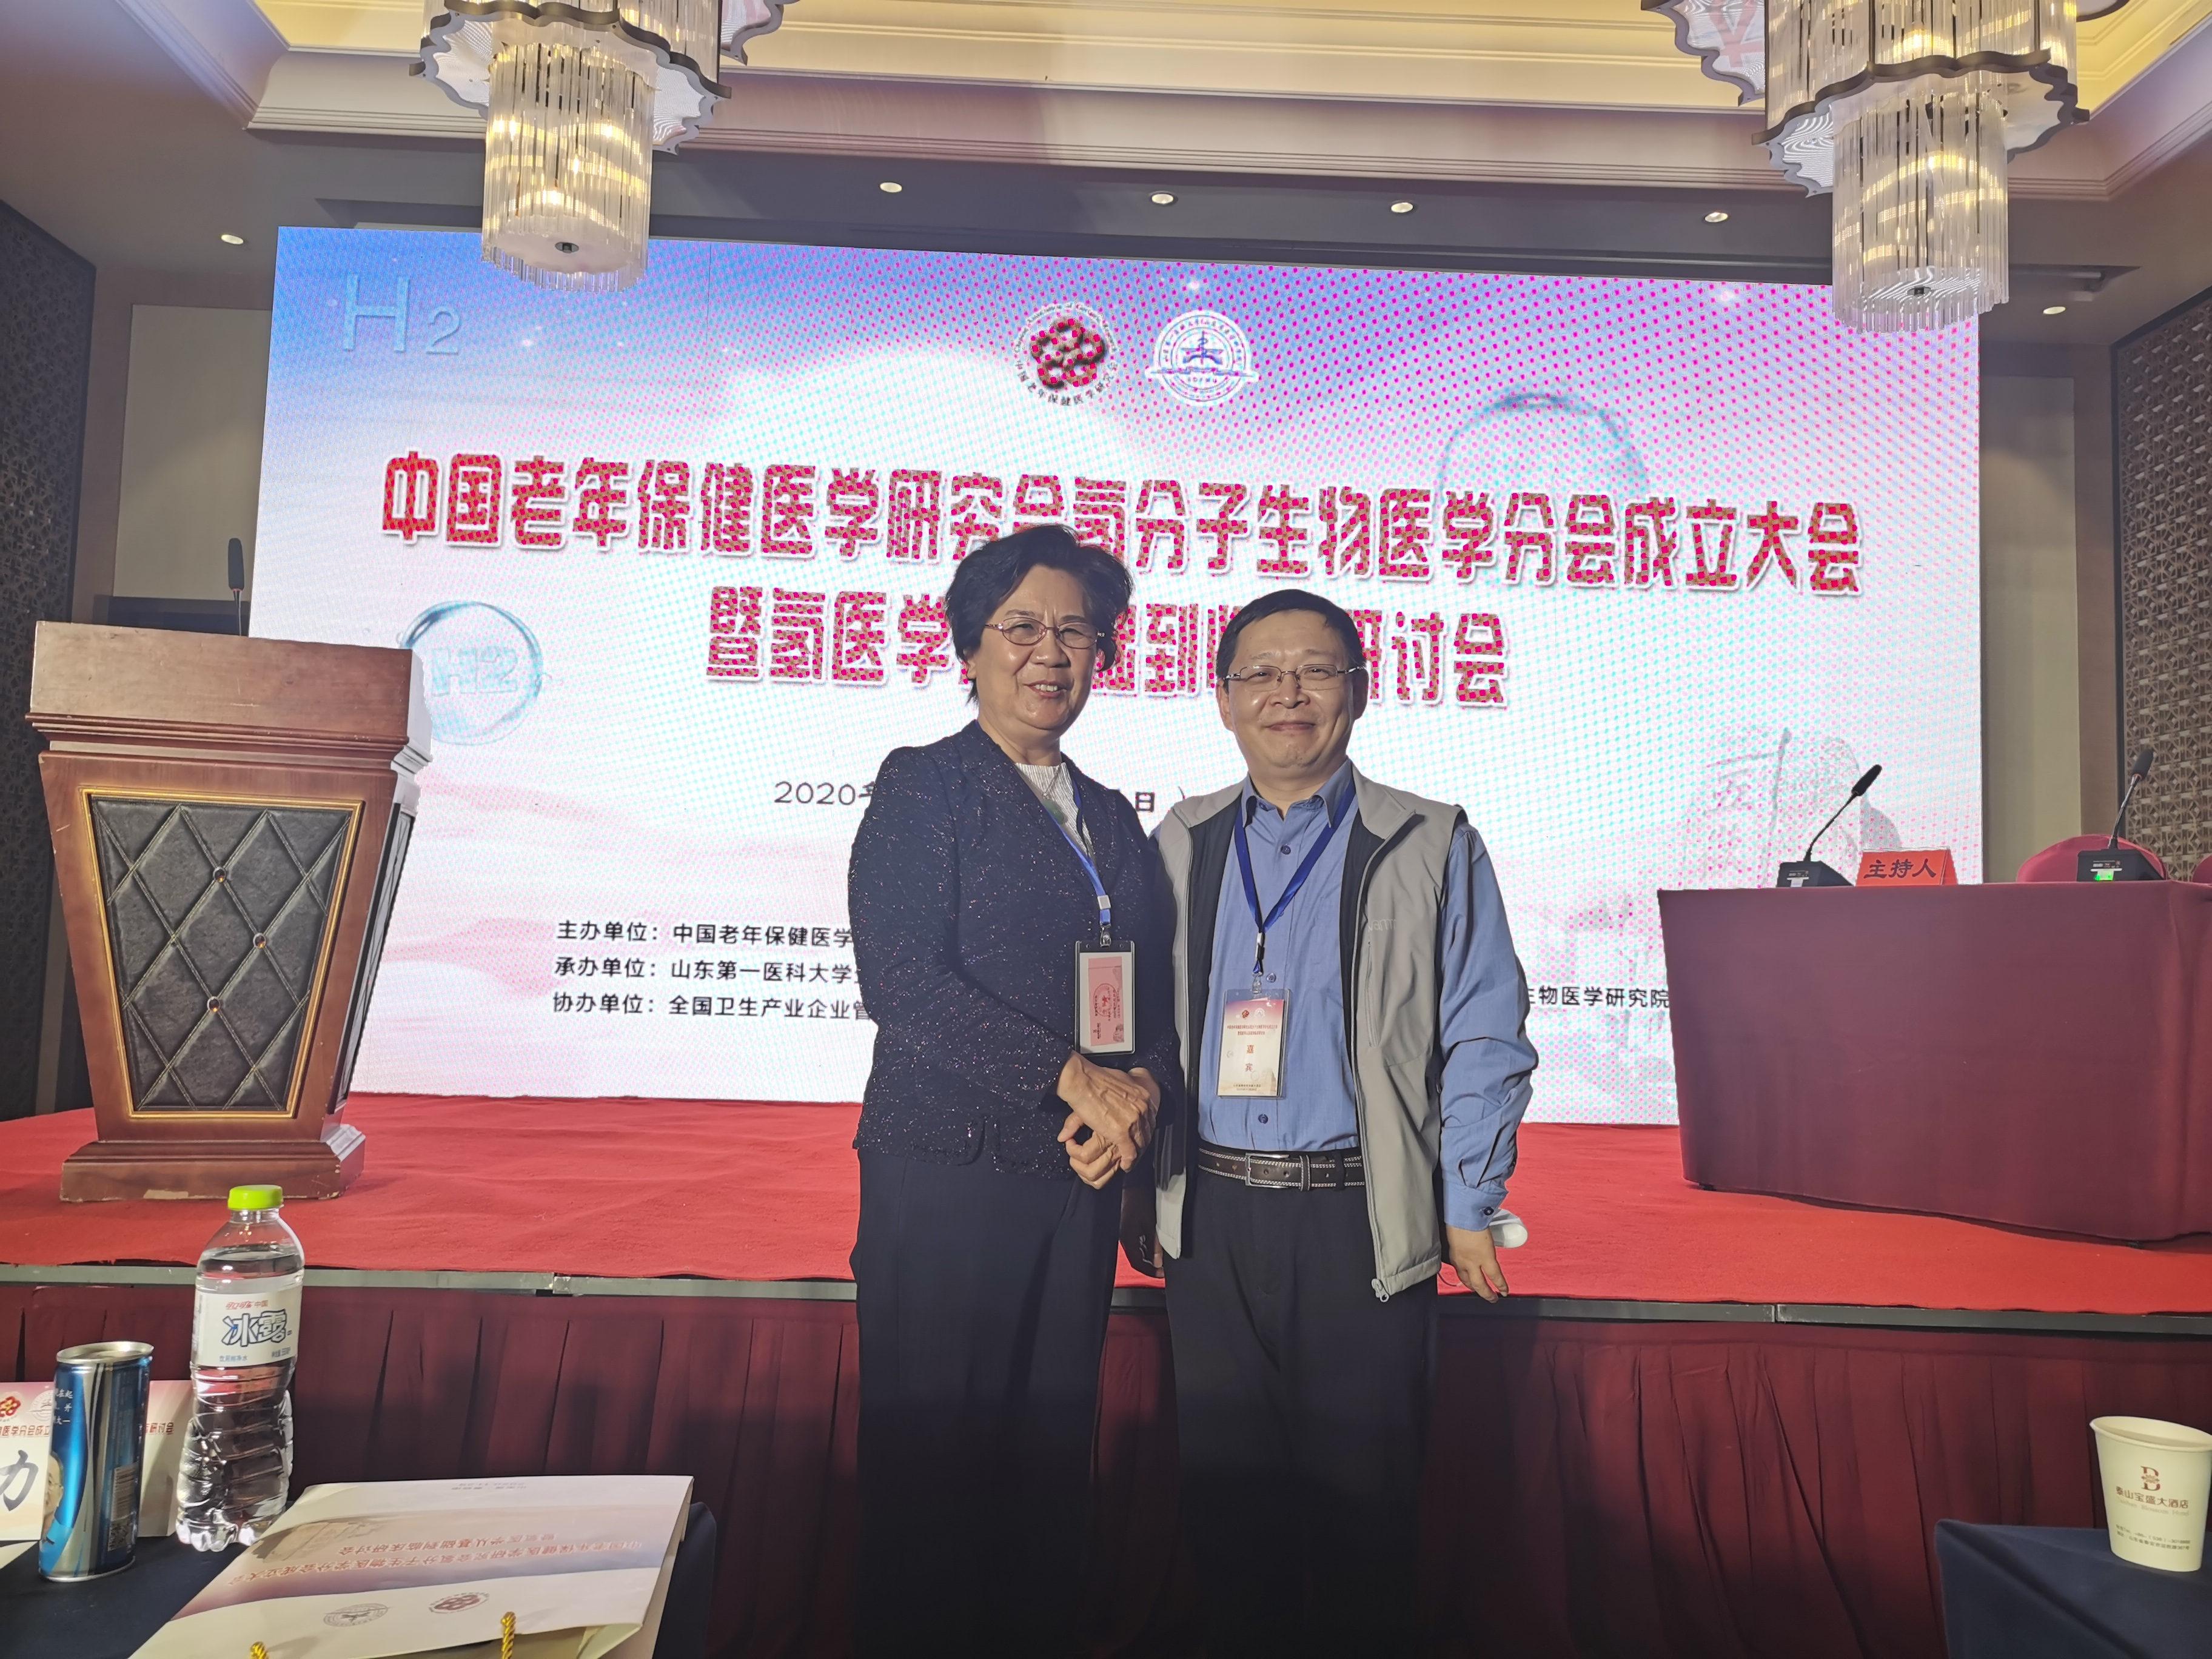 热烈祝贺中国老年保健医学研究会氢分子生物医学分会成立!